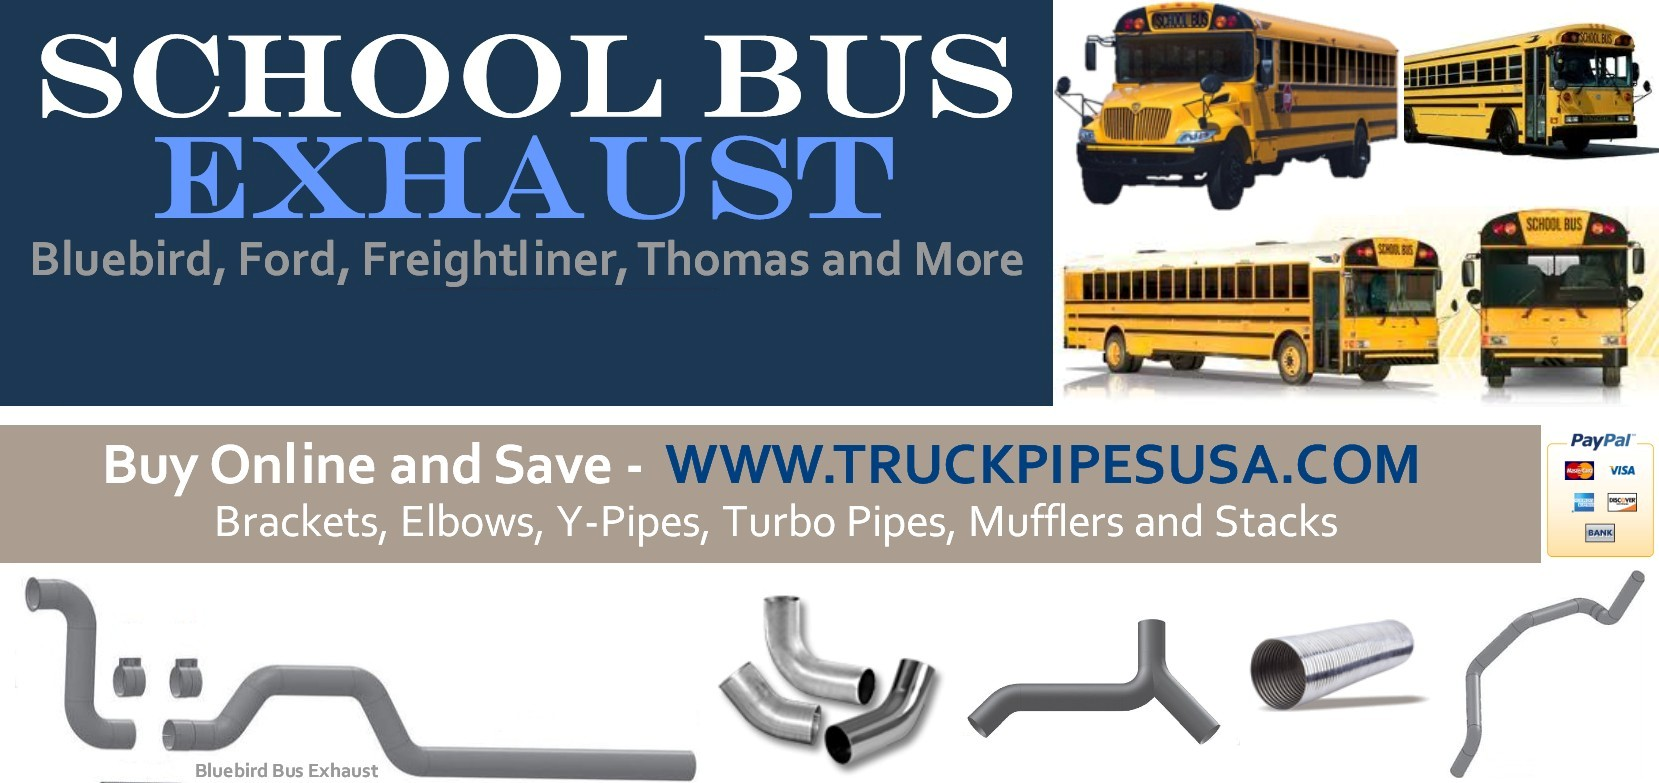 school-bus-truck-exhaust-banner-tp-usa.jpg